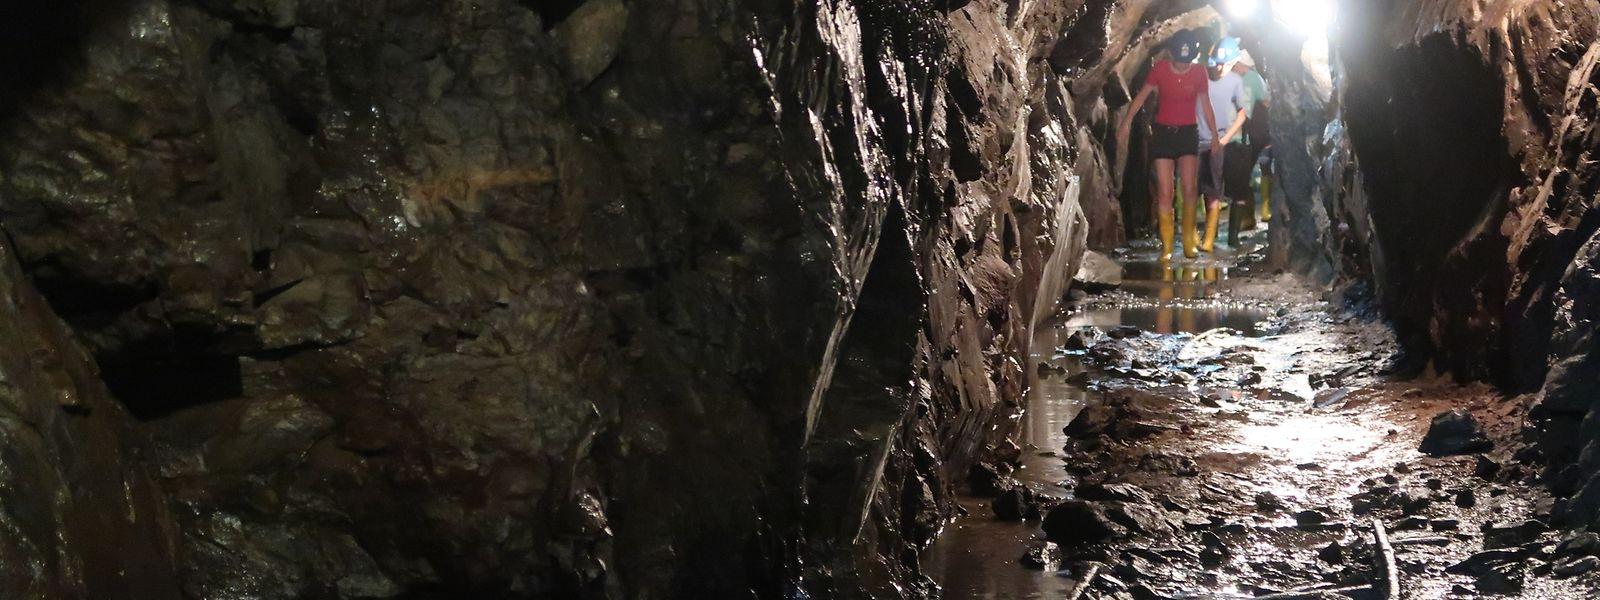 Im knapp 400 Meter langen Stollen muss der Besucher zum Teil auch durch Wasser waten